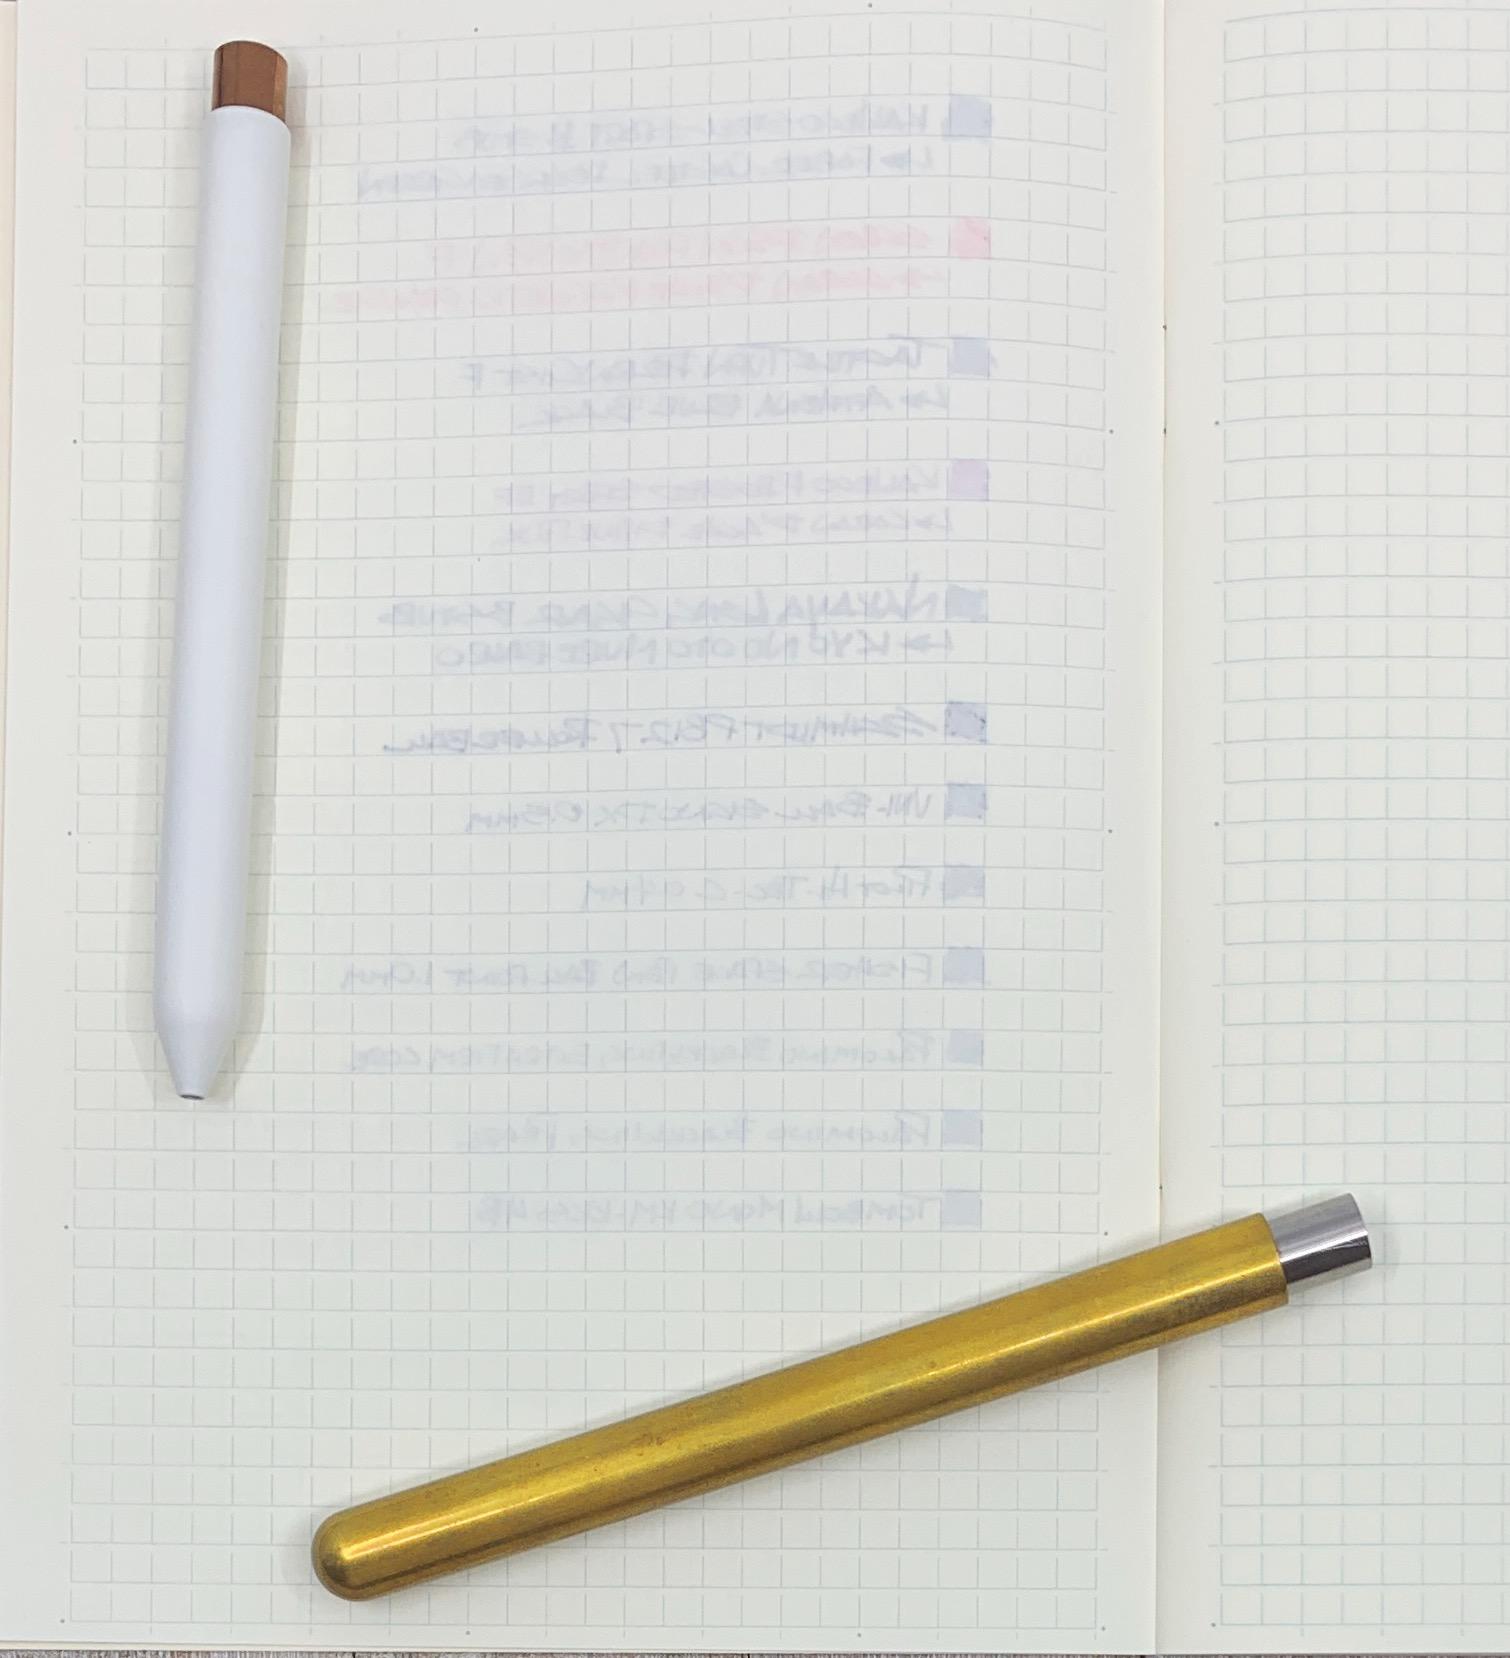 Midori MD Notebook Paper